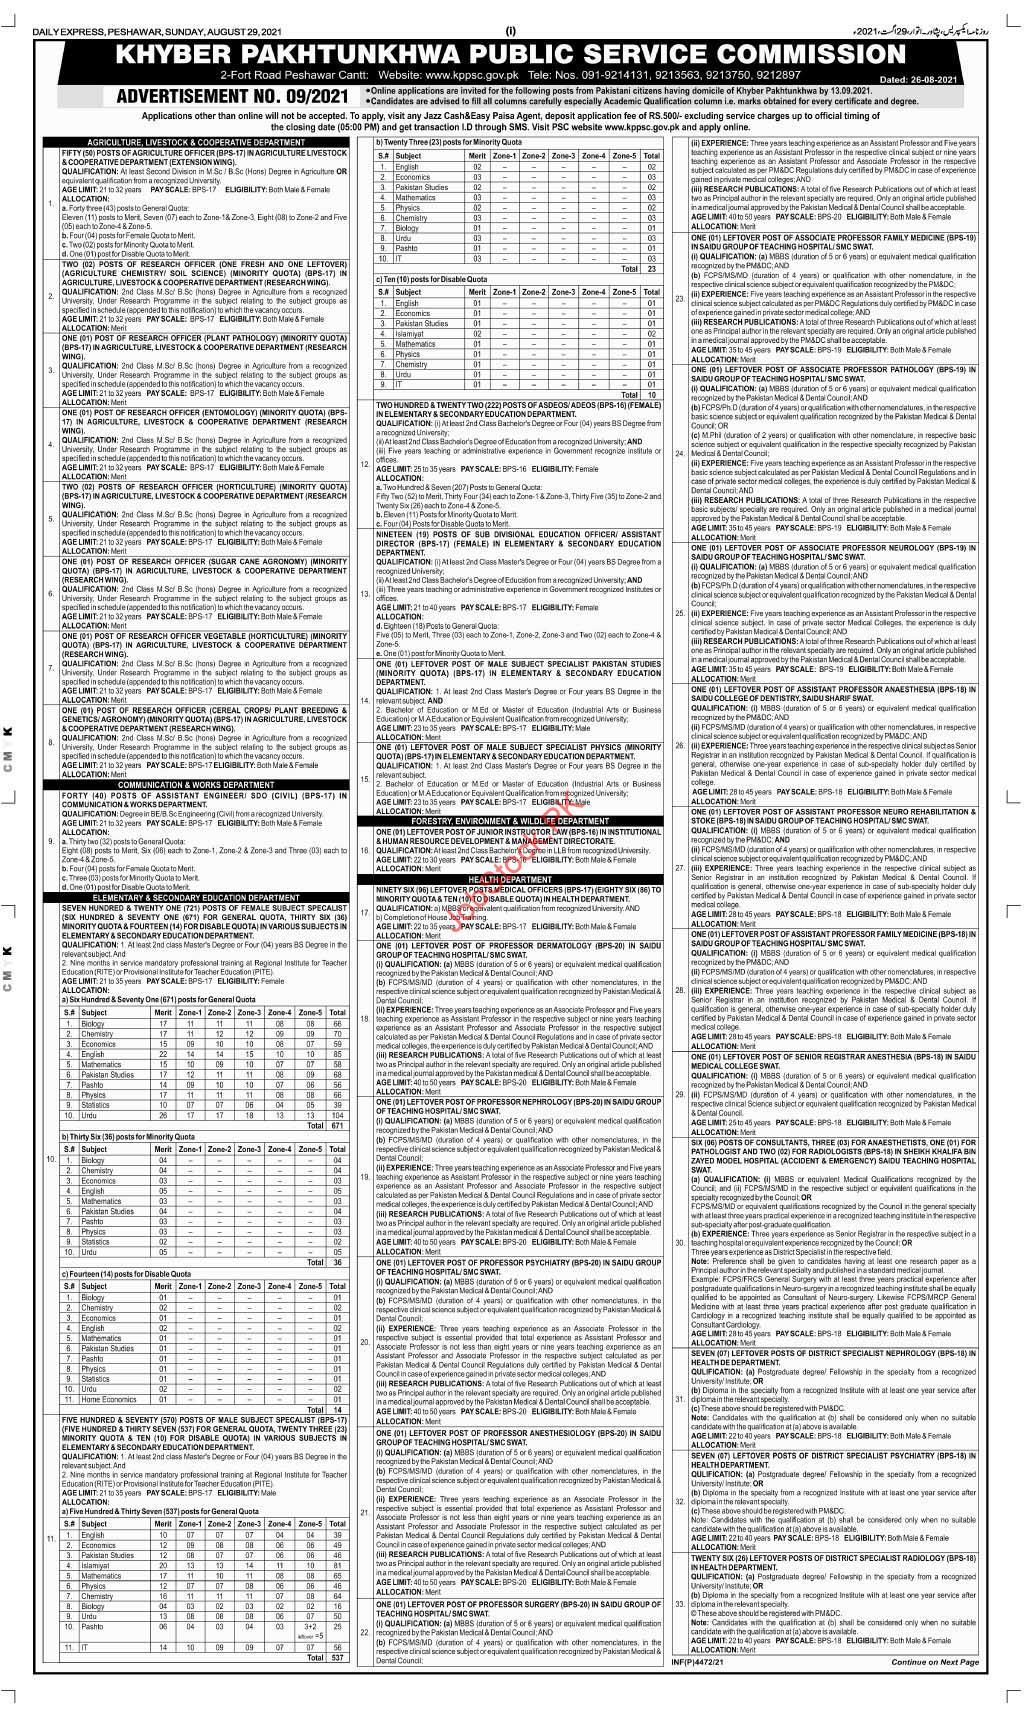 KPK Public Service Commission Jobs 2021 Advertisement Page 01